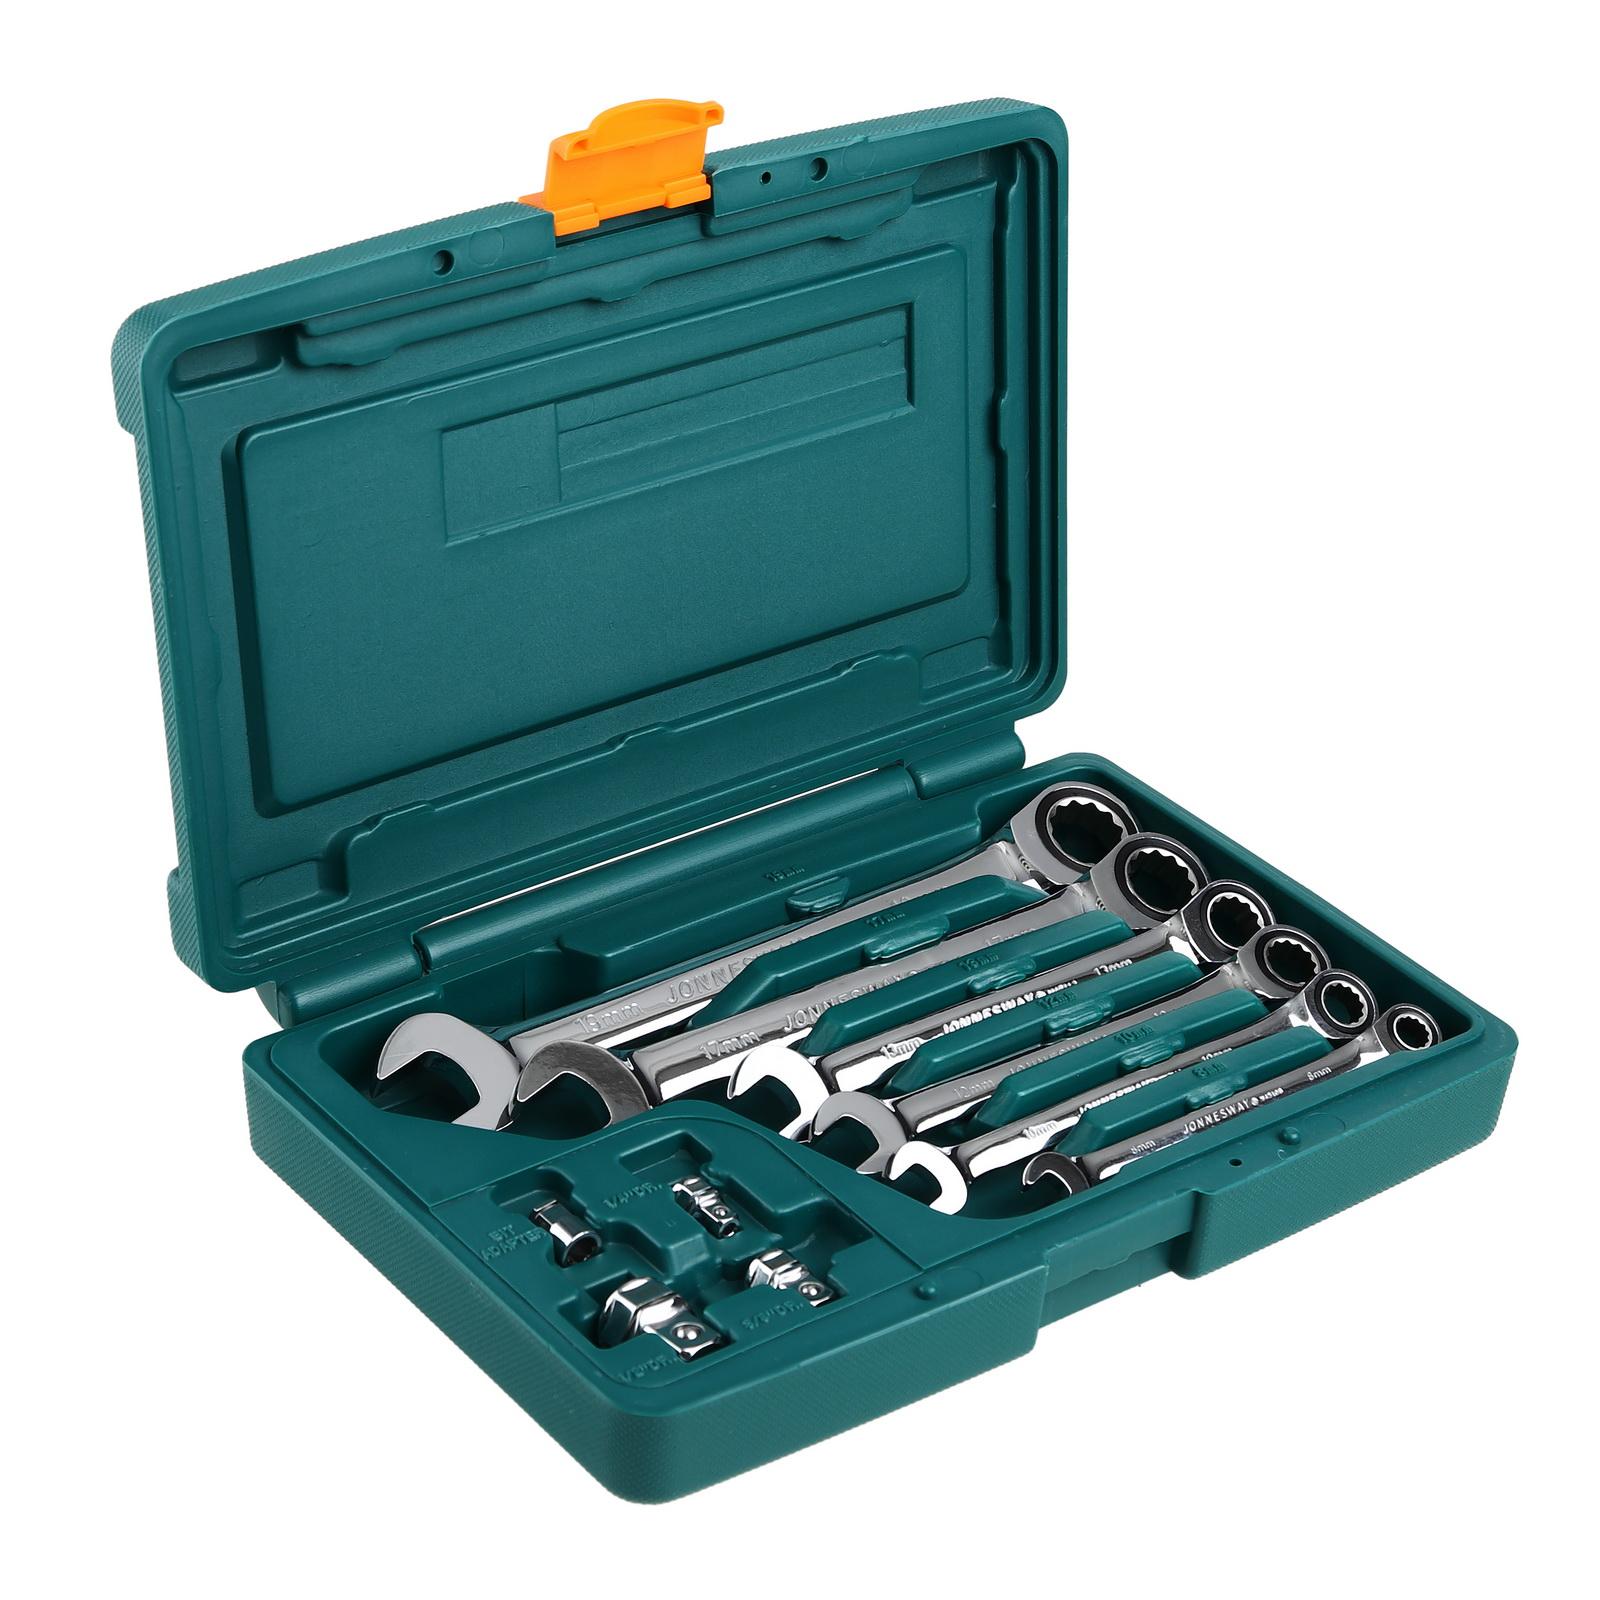 Ключ гаечный с трещоткой Jonnesway W45110s комбинированные трещоточные ключи 10шт